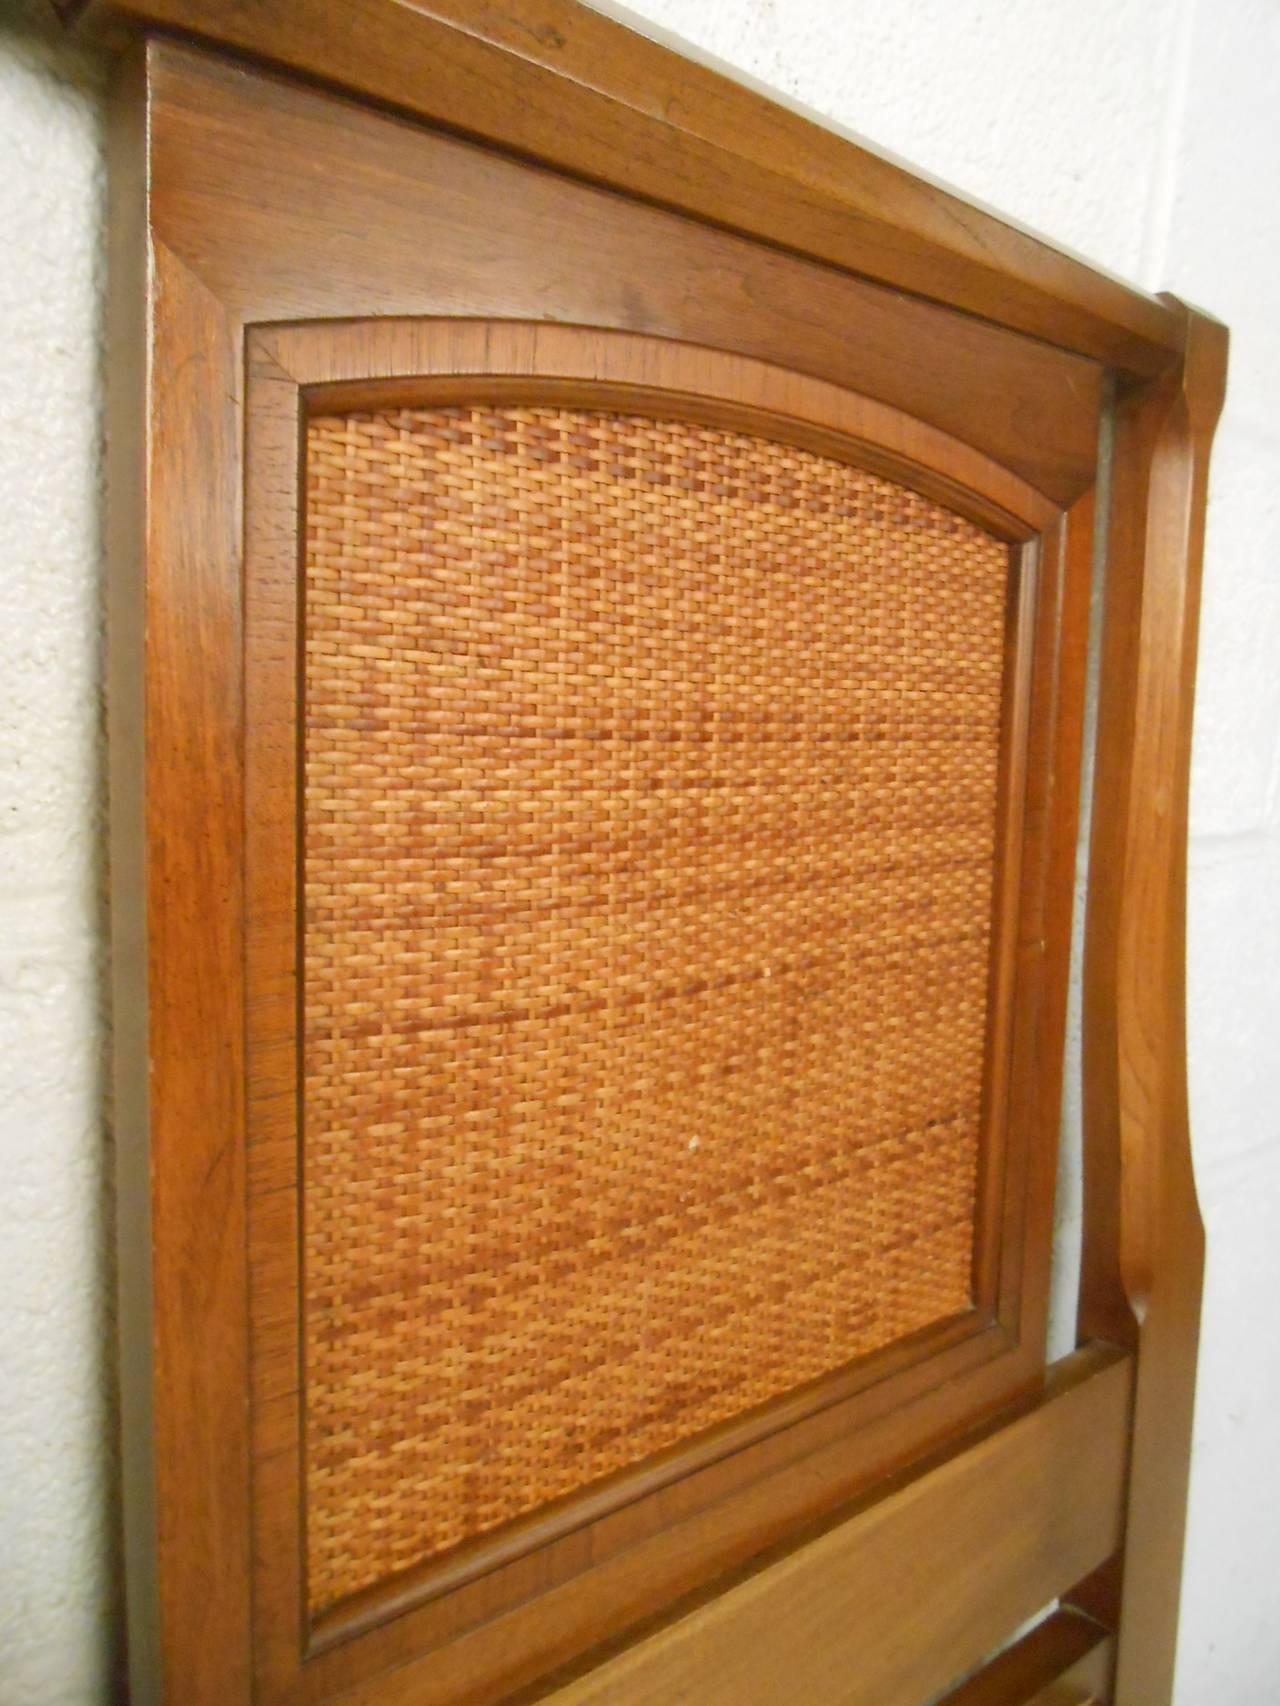 Wicker Mid-Century Modern Walnut Headboard by White Furniture Co For Sale